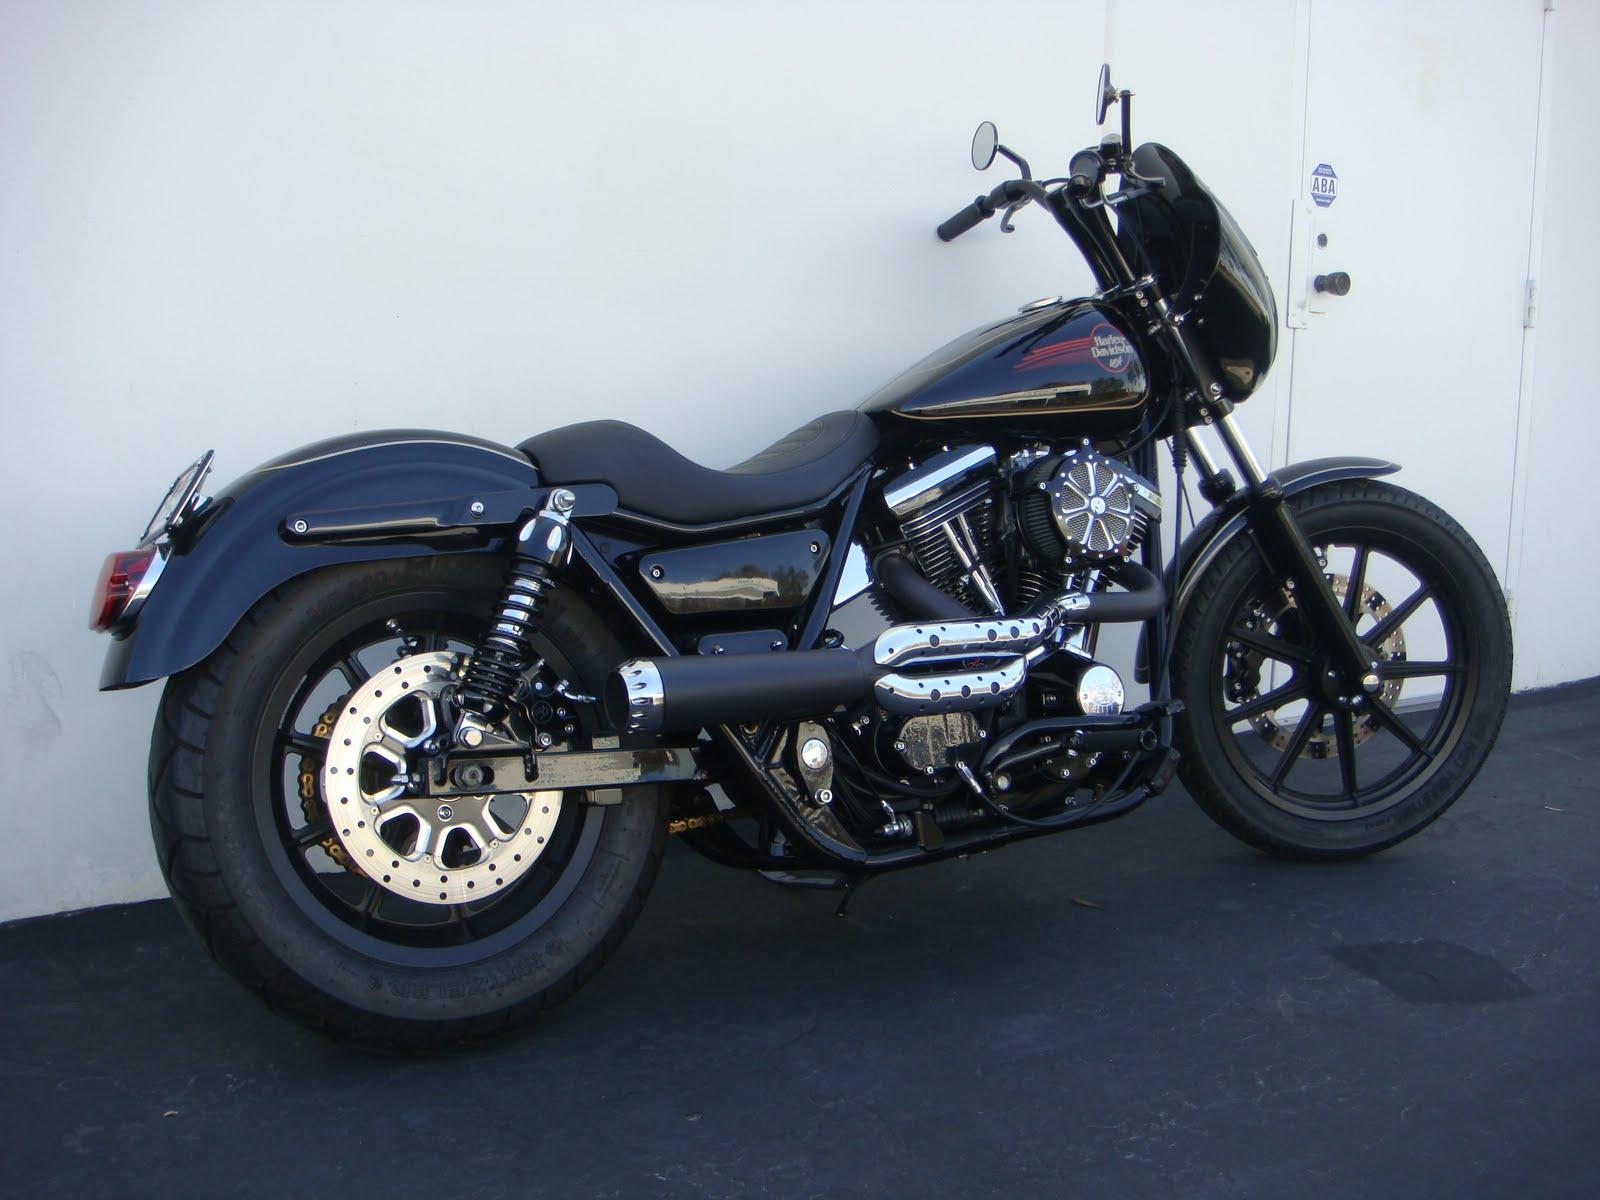 Harley Davidson Fxrs For Sale Uk